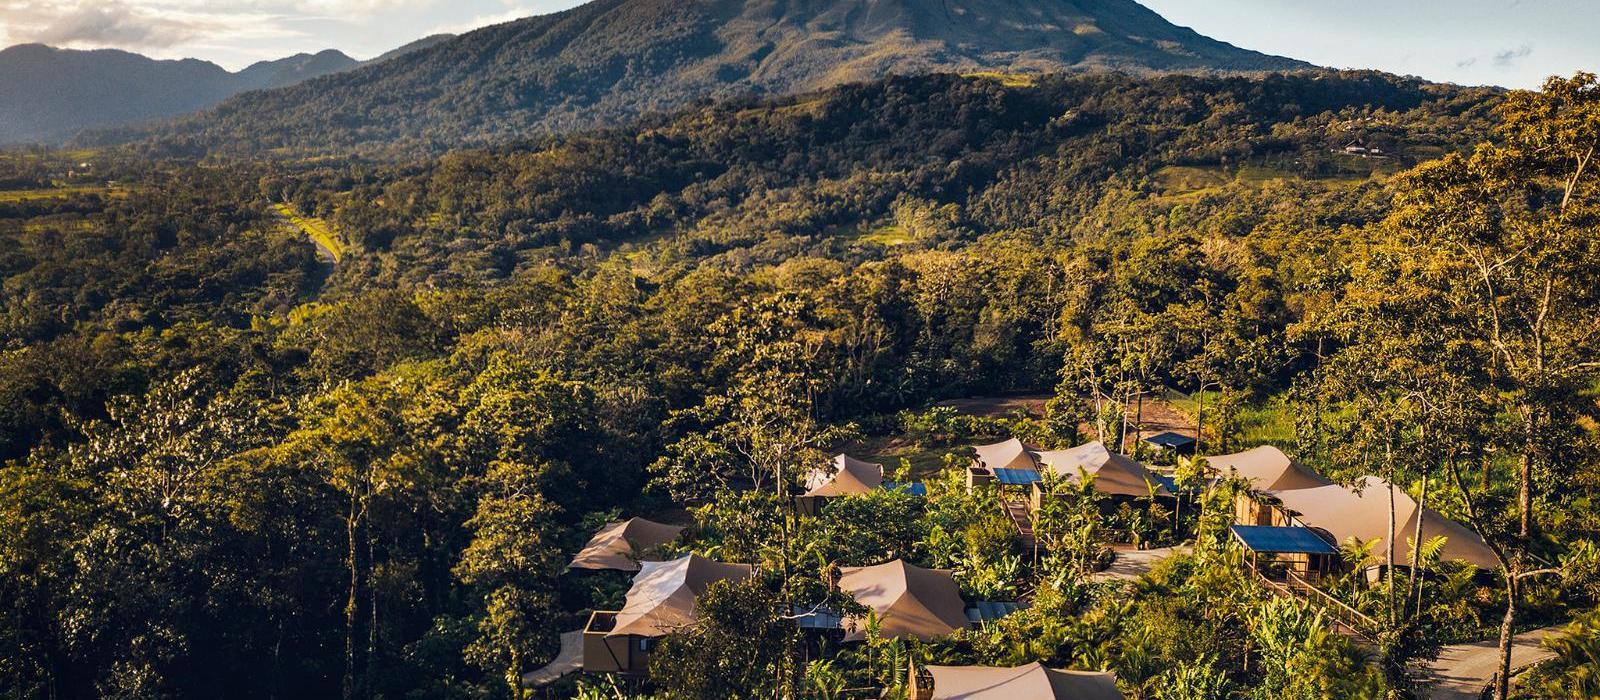 纳雅拉帐篷度假营地酒店(Nayara Tented Camp) 图片  www.lhw.cn